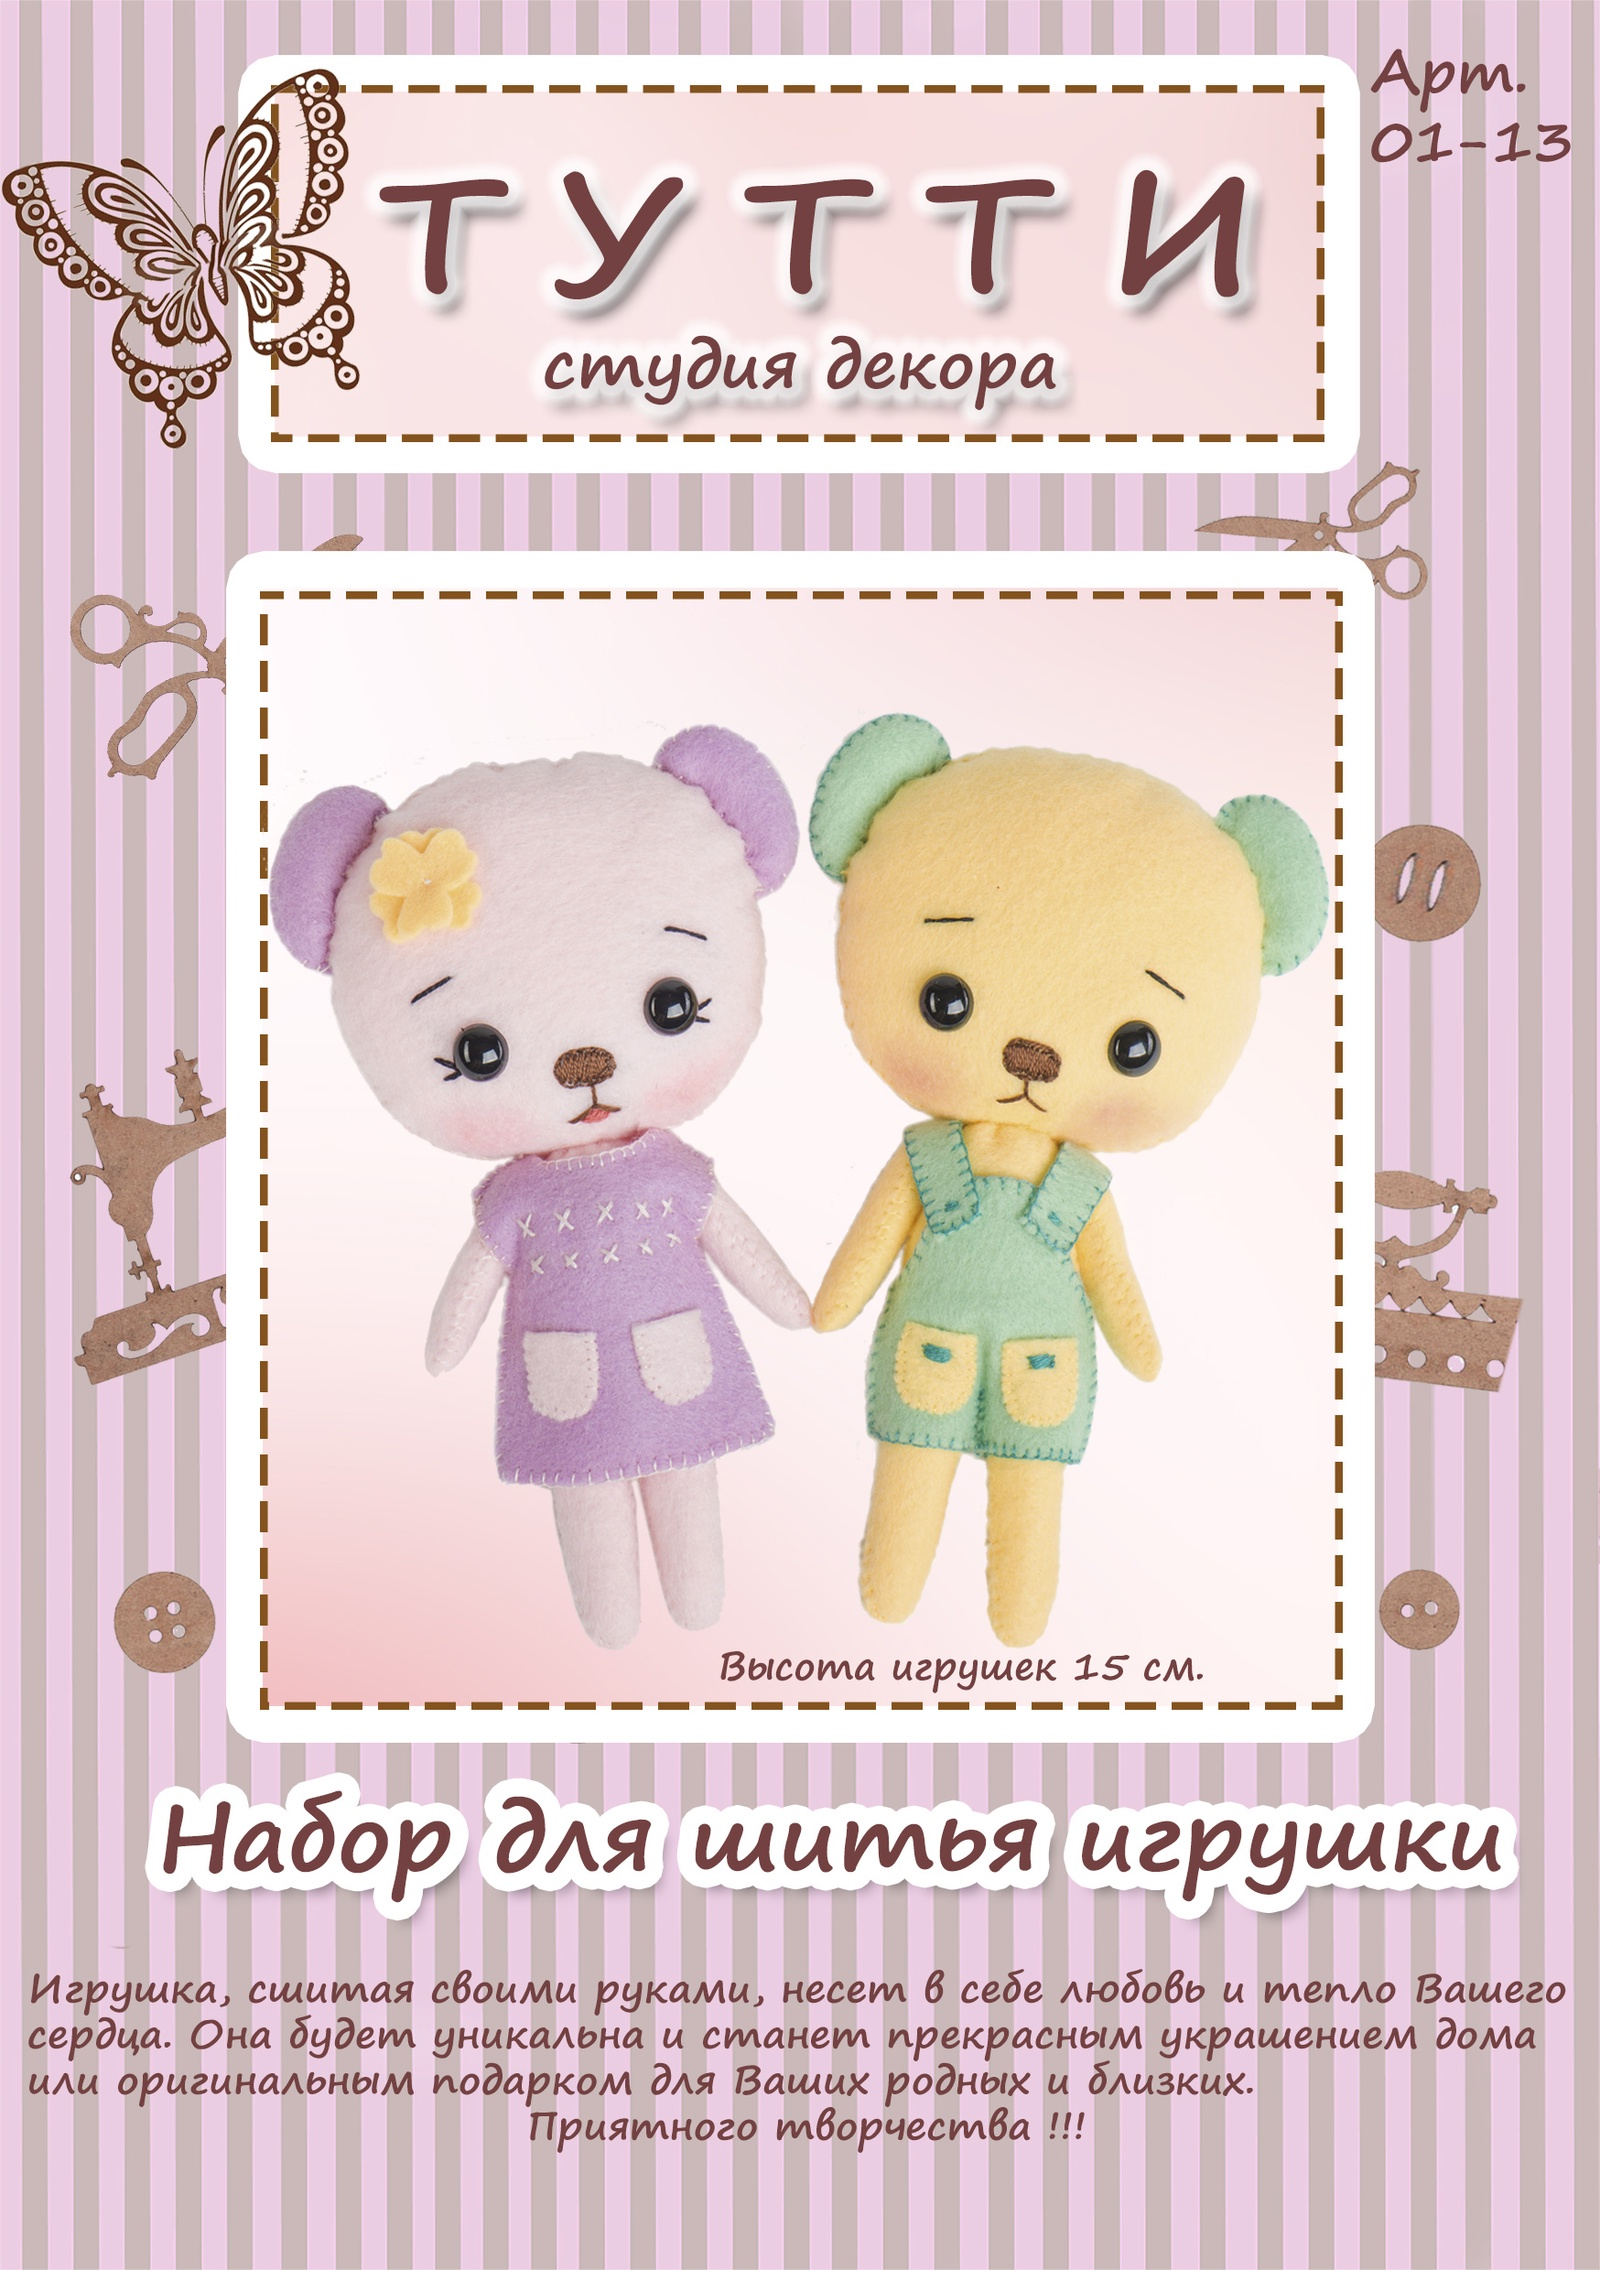 Набор для шитья игрушки из фетра Тутти Медвежата Лили и Санни, 01-13 наборы из фетра в пакете с хедером четырехлистники 11 21136 15